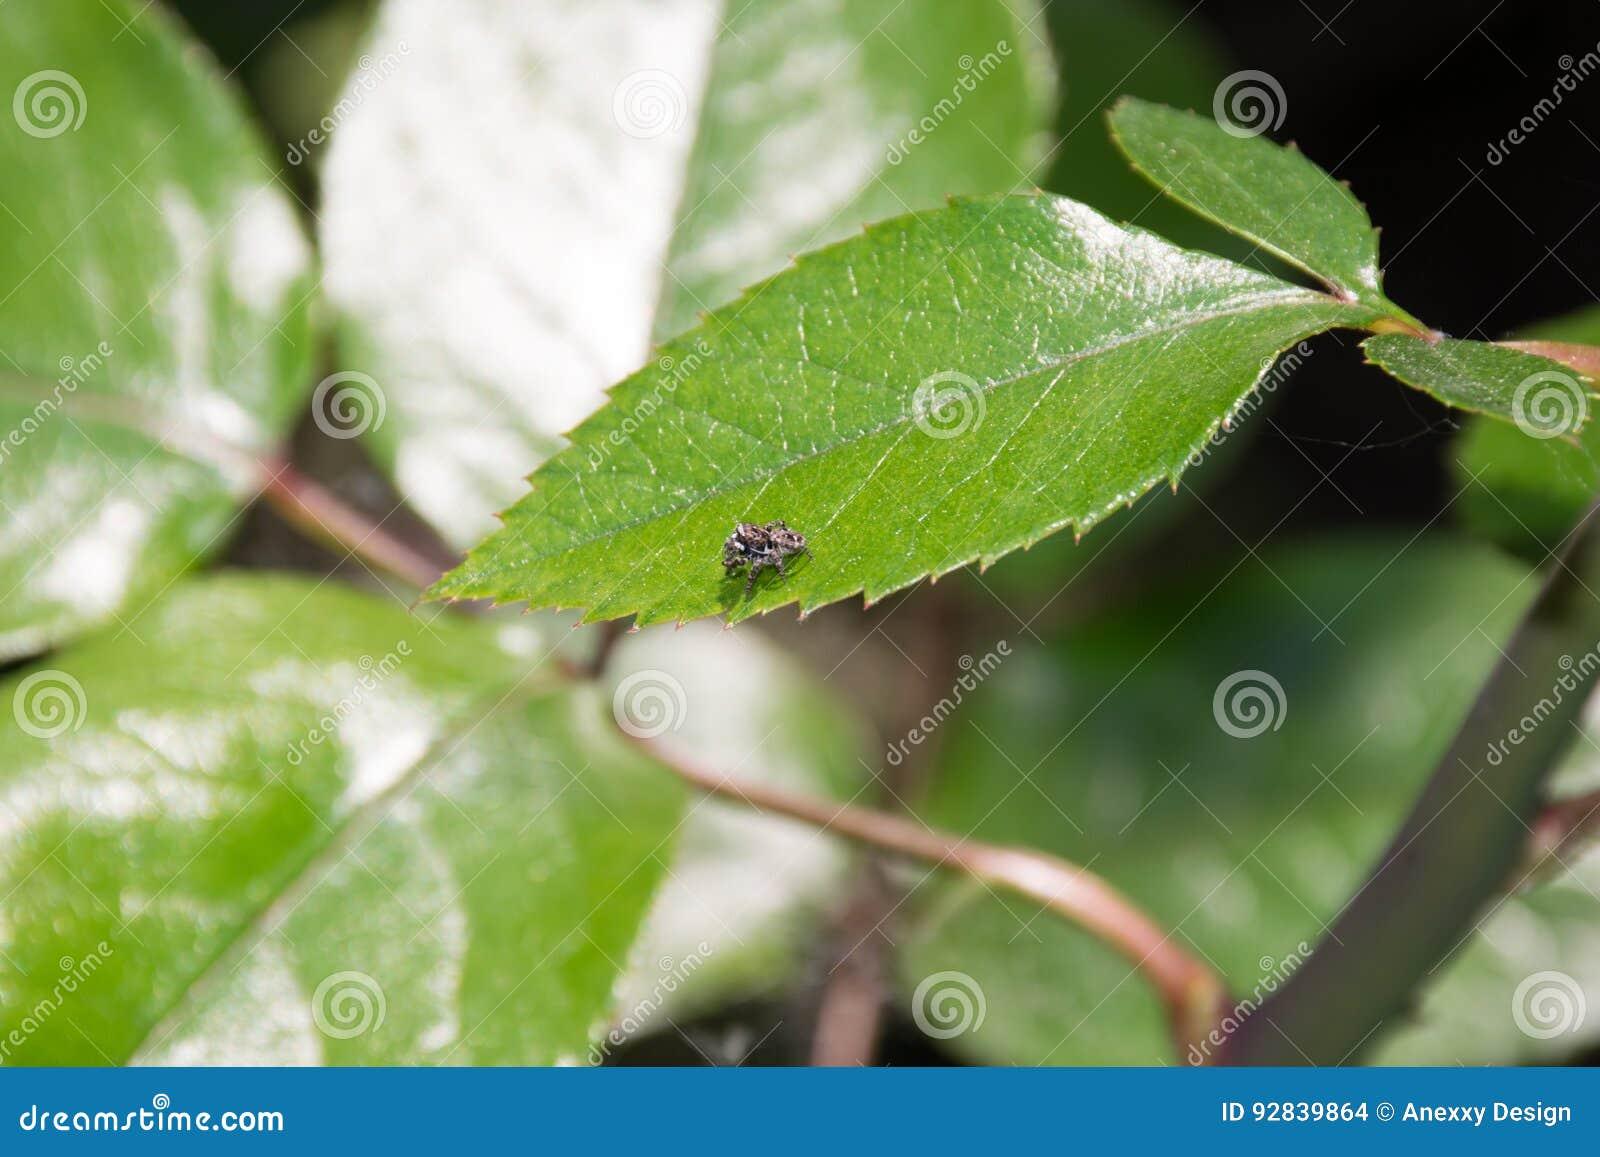 Araignée sur la feuille